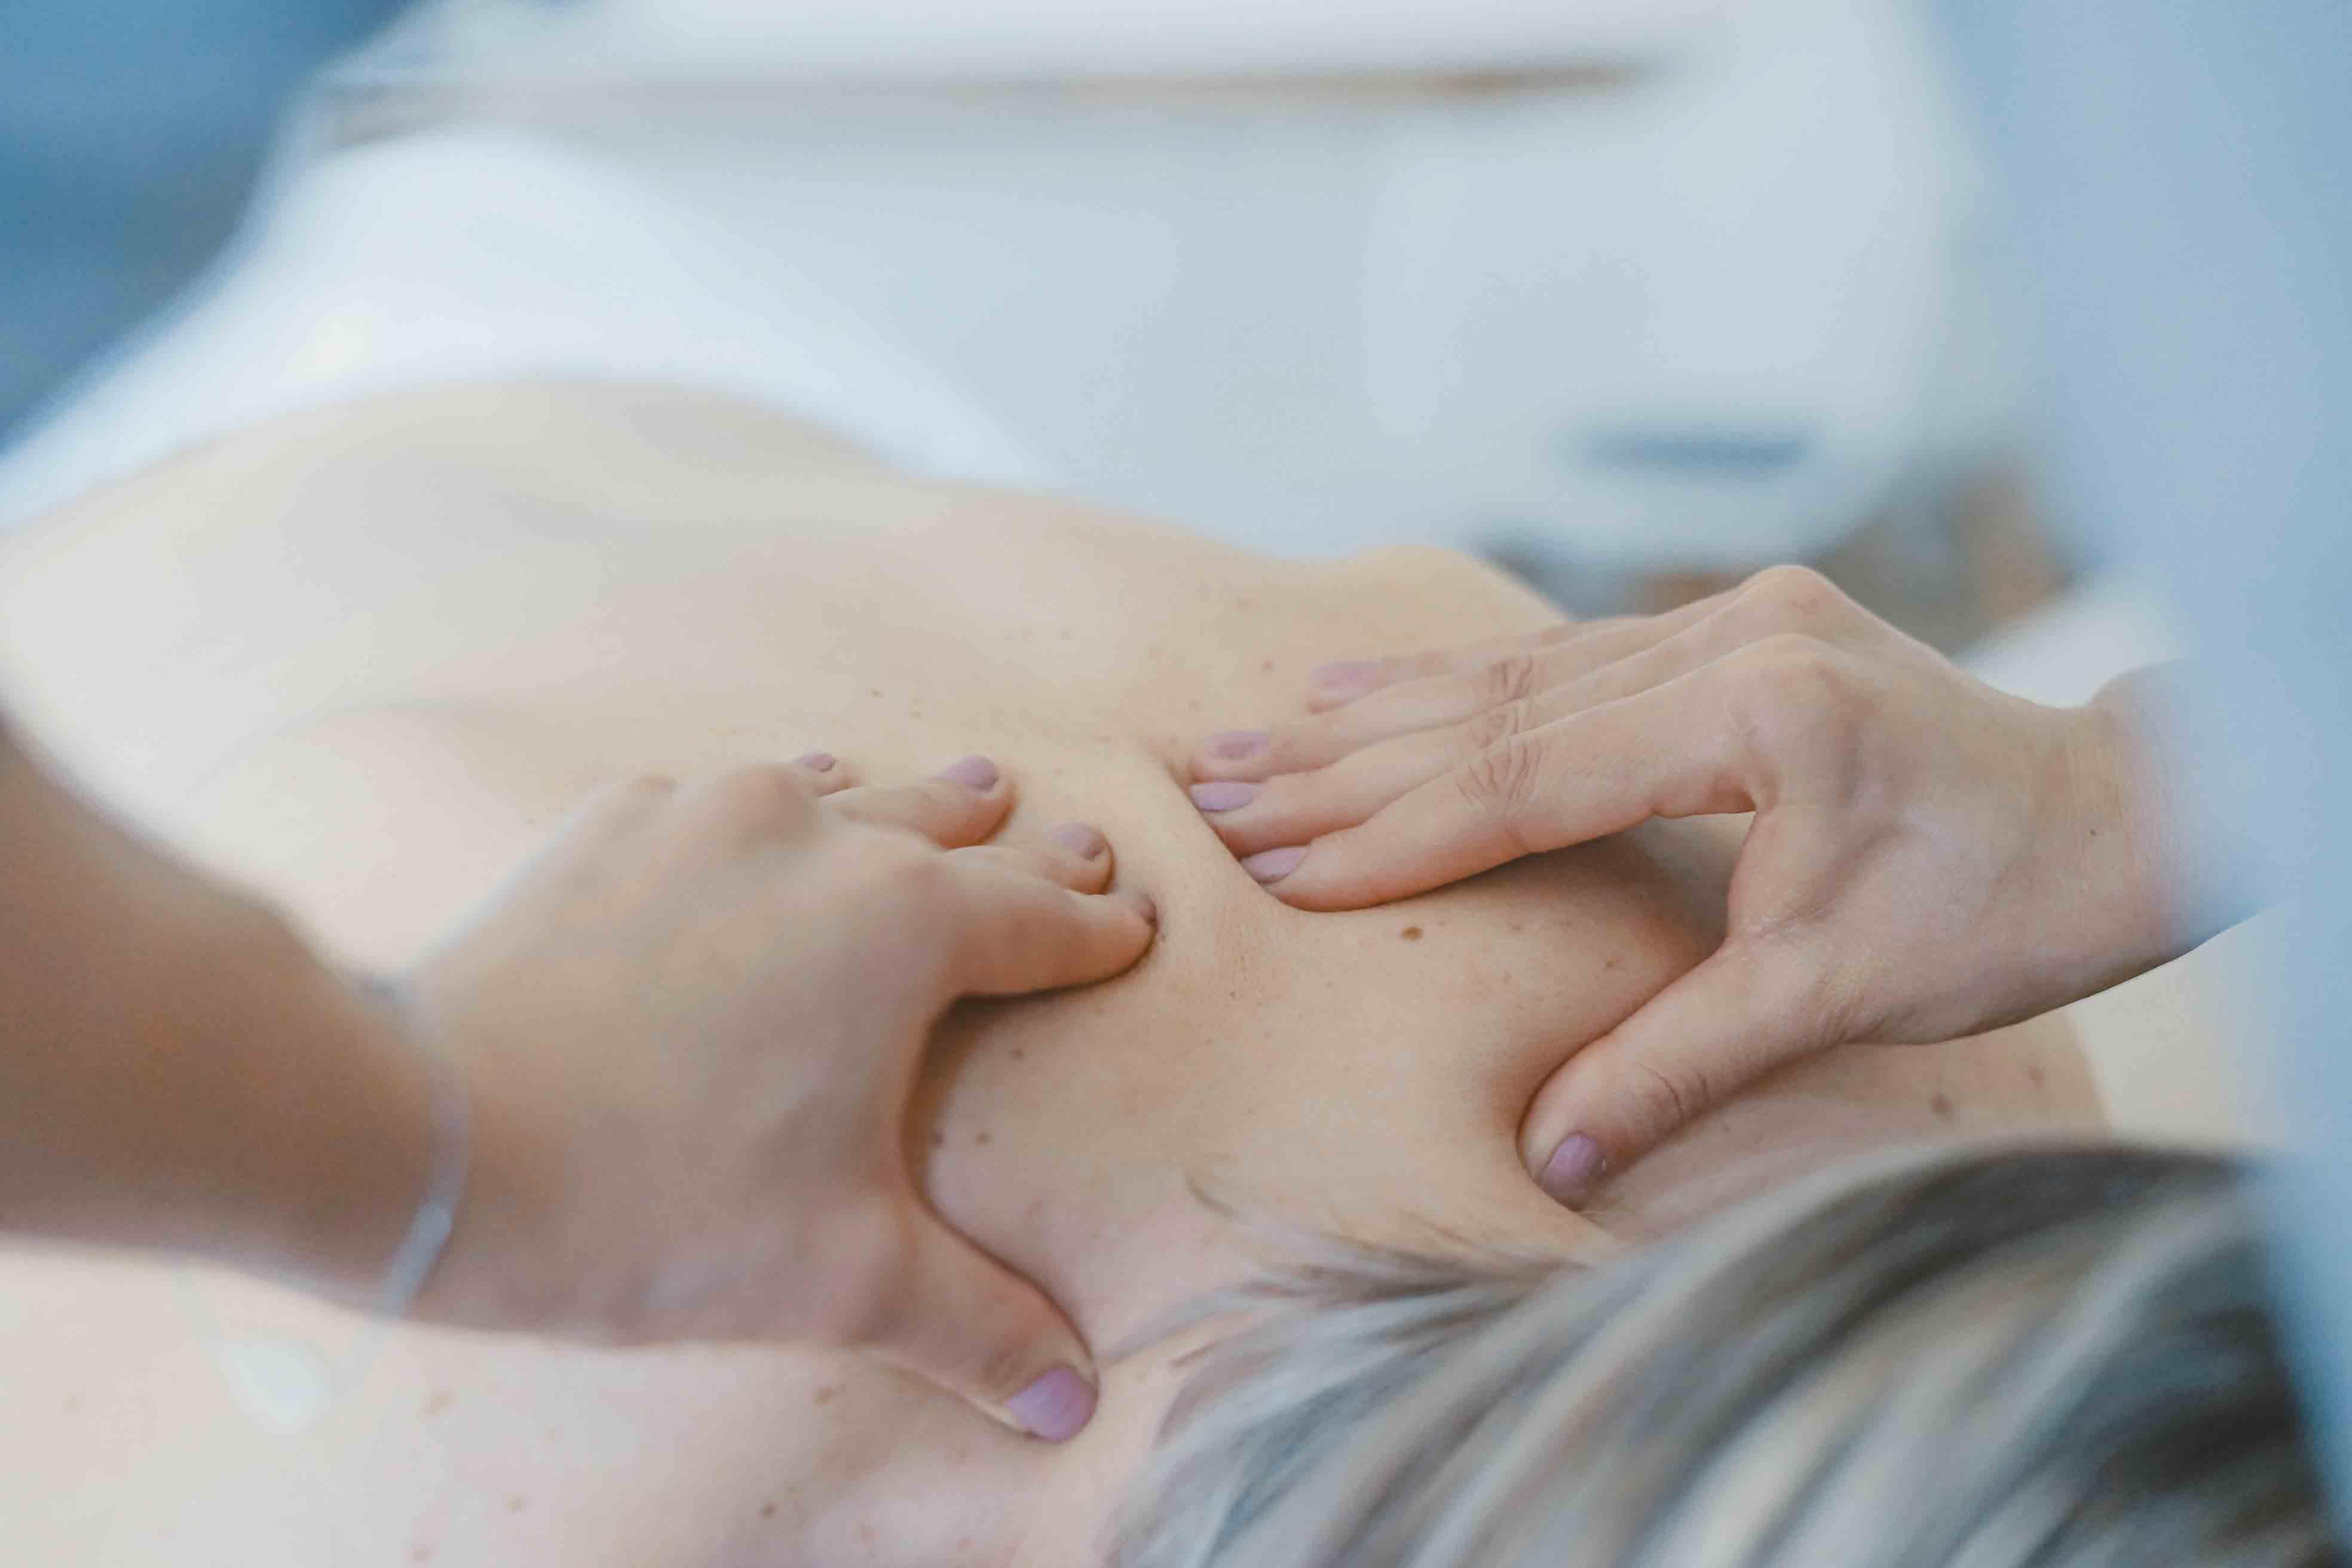 Ergonomía, 'normas' para evitar lesiones